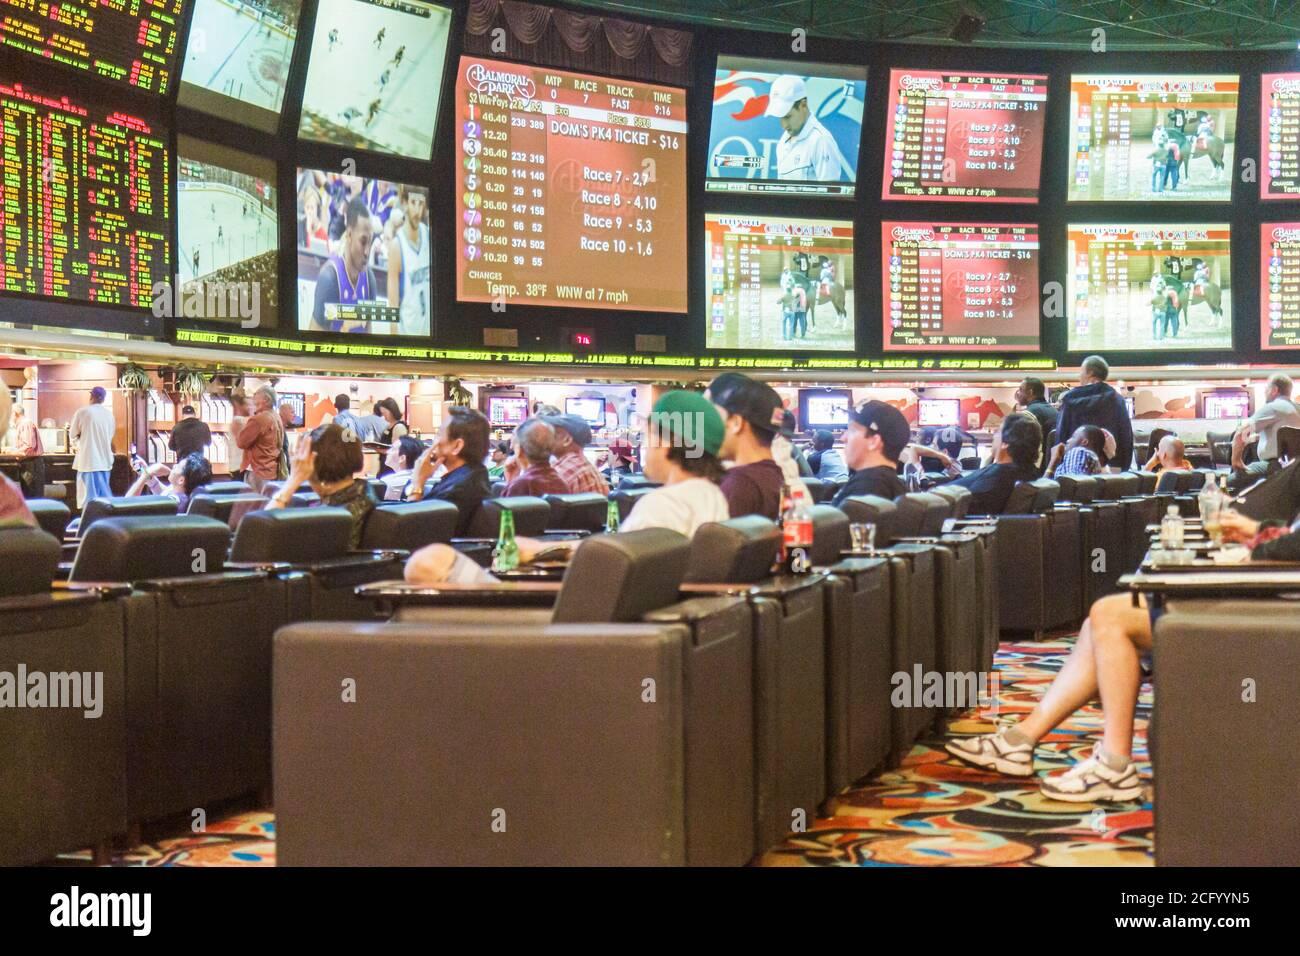 Nevada, West, Southwest, Las Vegas, Las Vegas Hotel & Casino, LVH, livre de sports de course, livres, Paris, chance, joueurs, pari, jeux, moniteurs, grands s. Banque D'Images